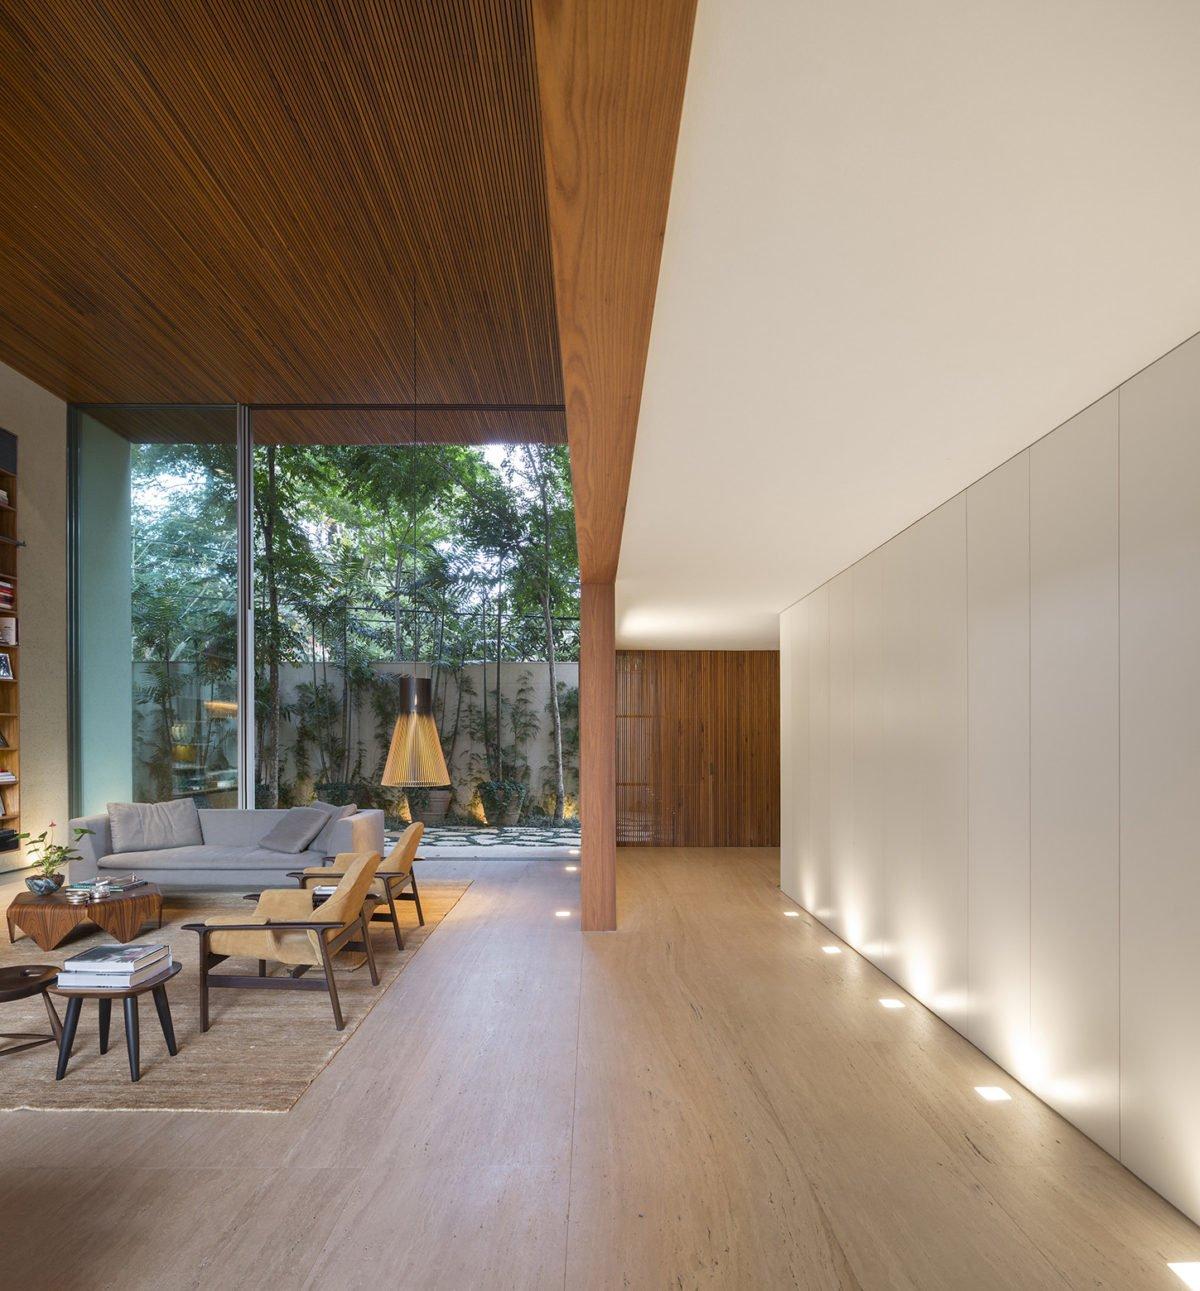 20Tetris-House-In-São-Paulo-Brazil-By-Studiomk27-45